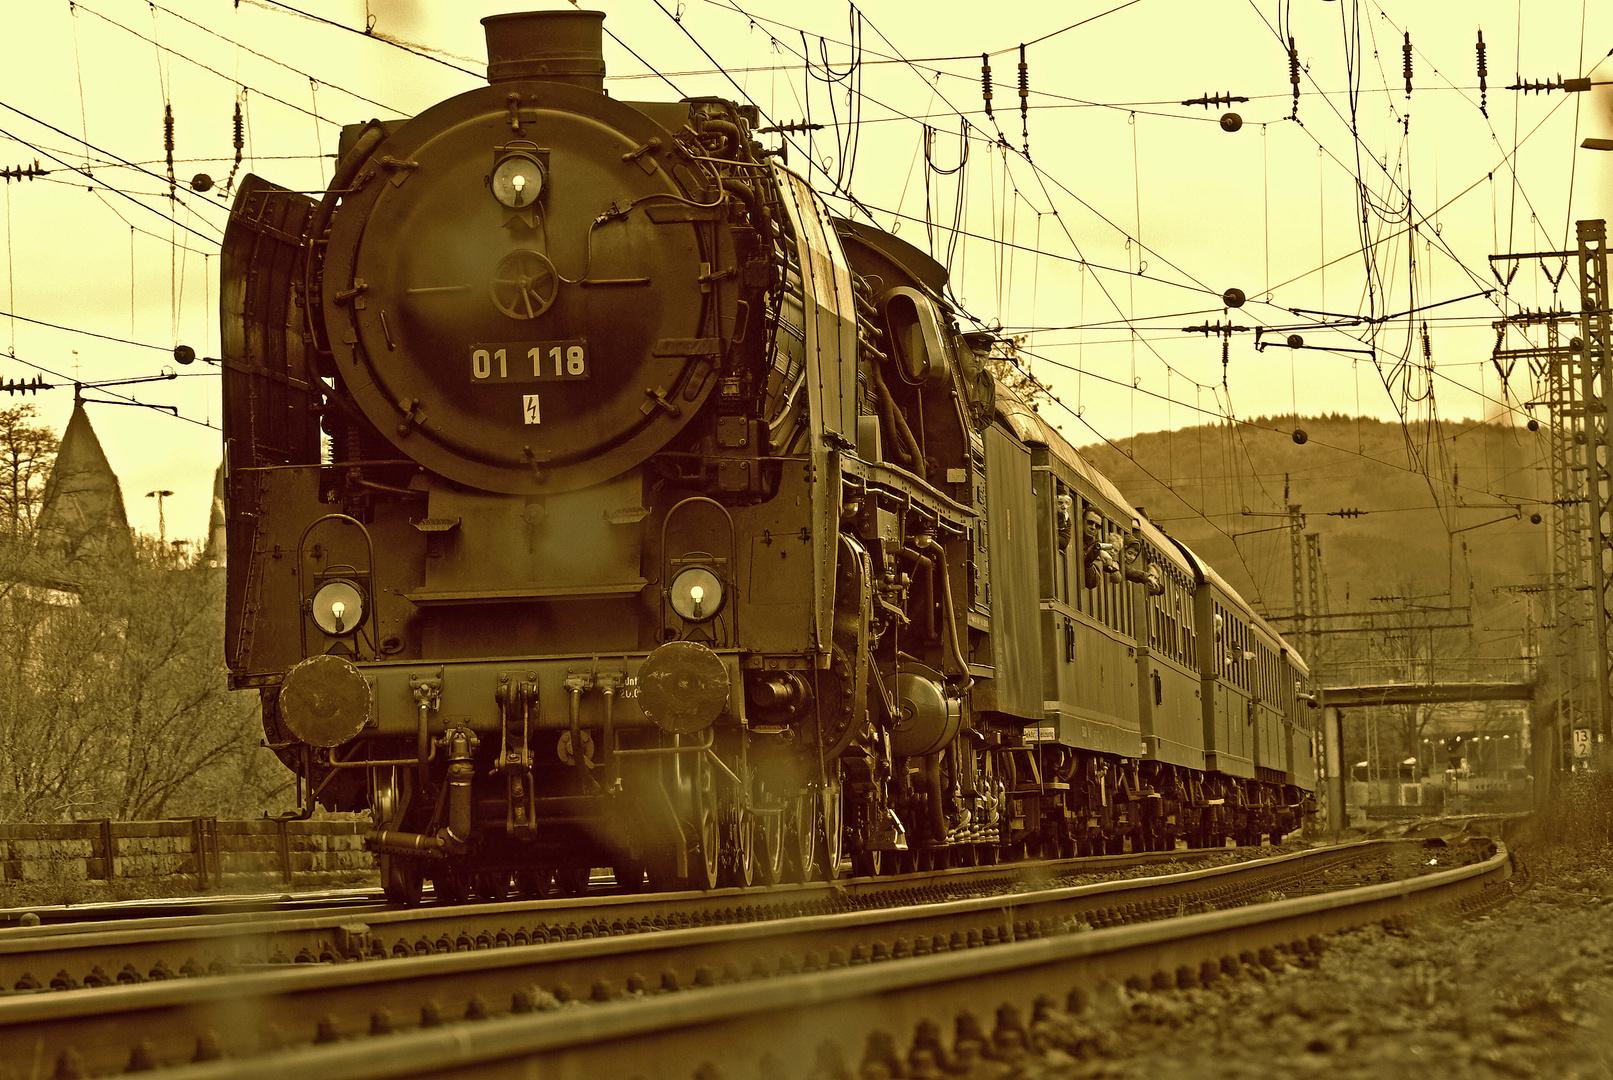 """"""" Dampfross"""" 01 118 Dampfspektakel 2010"""